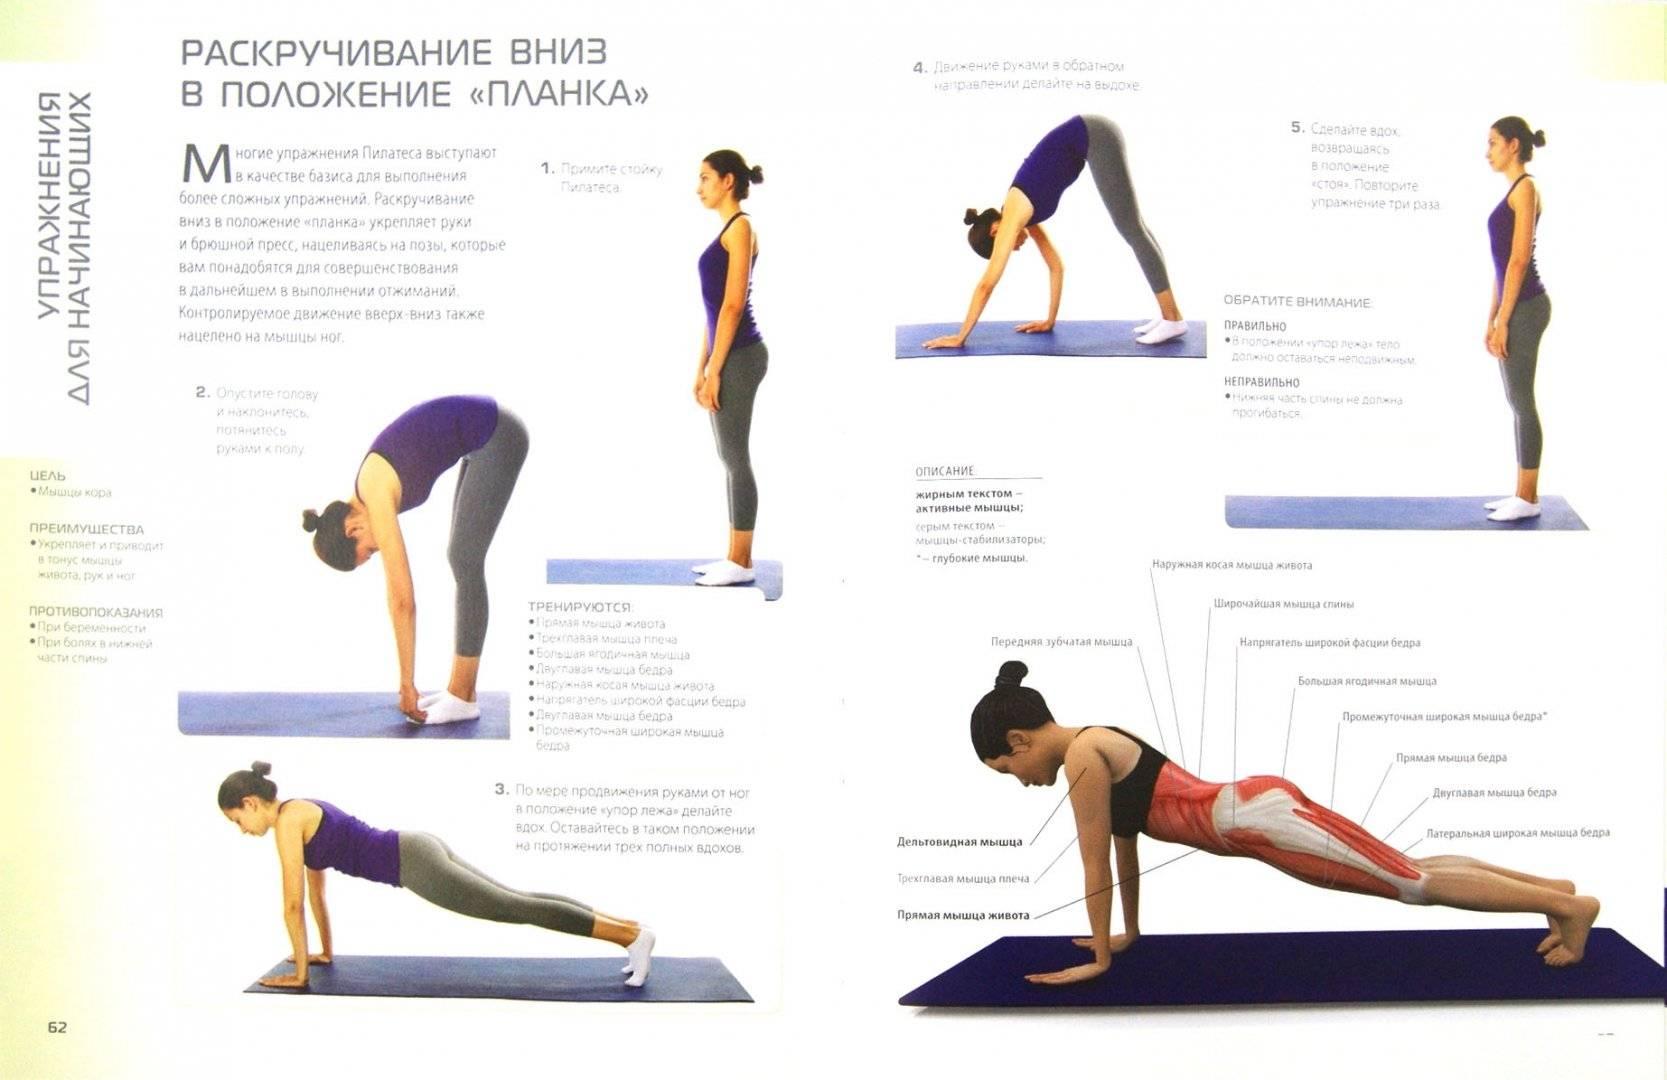 Пилатес дома для похудения - комплекс упражнений для начинающих с видео